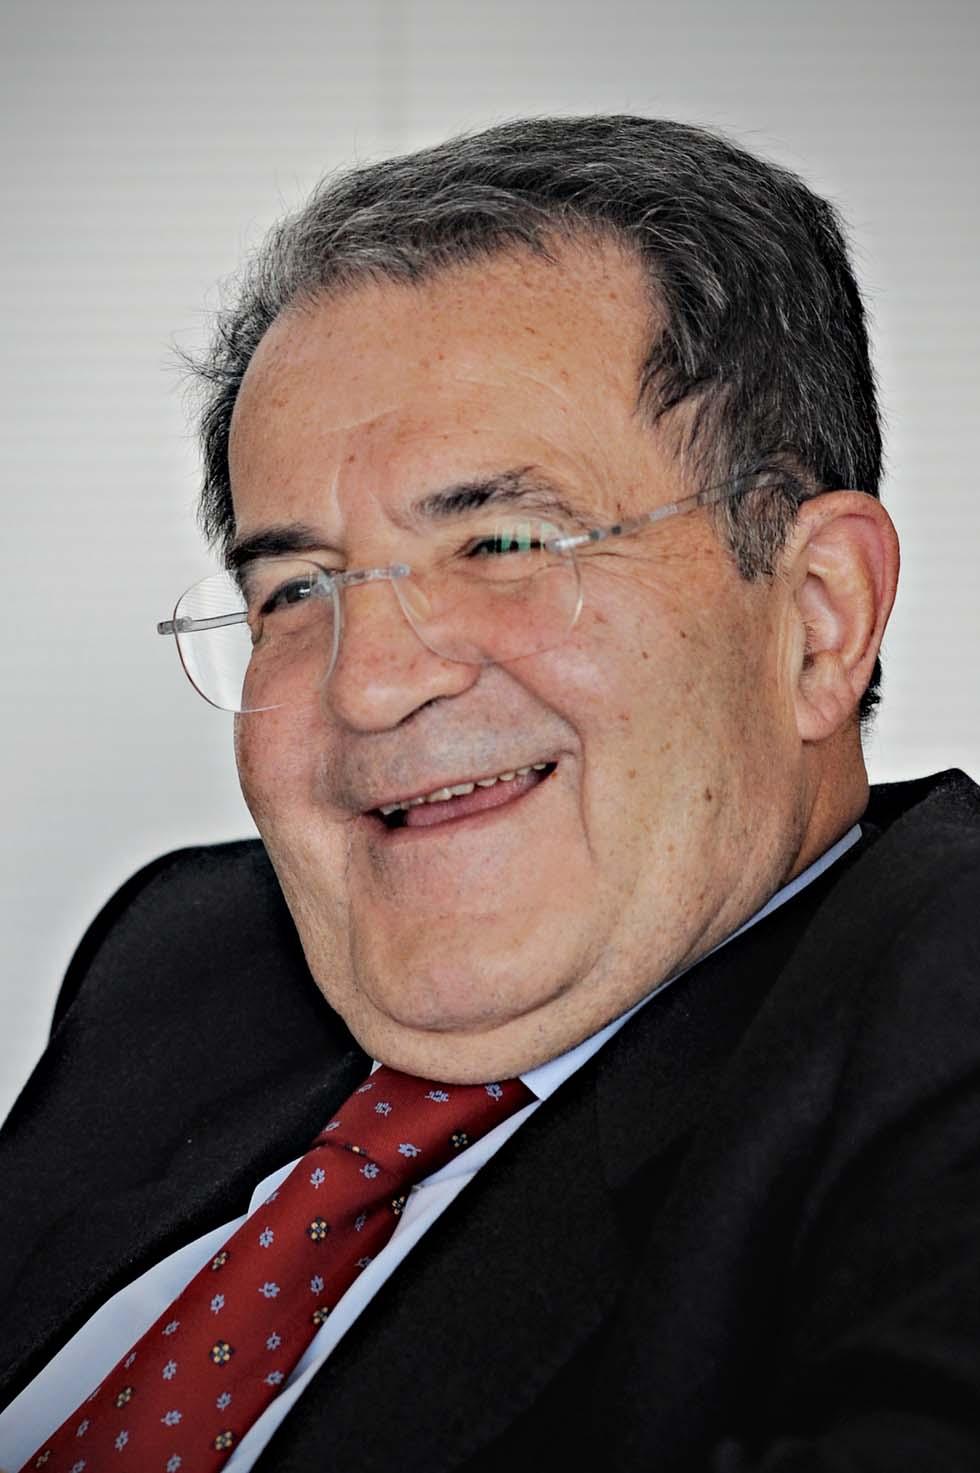 Romano prodi candidato come presidente della repubblica